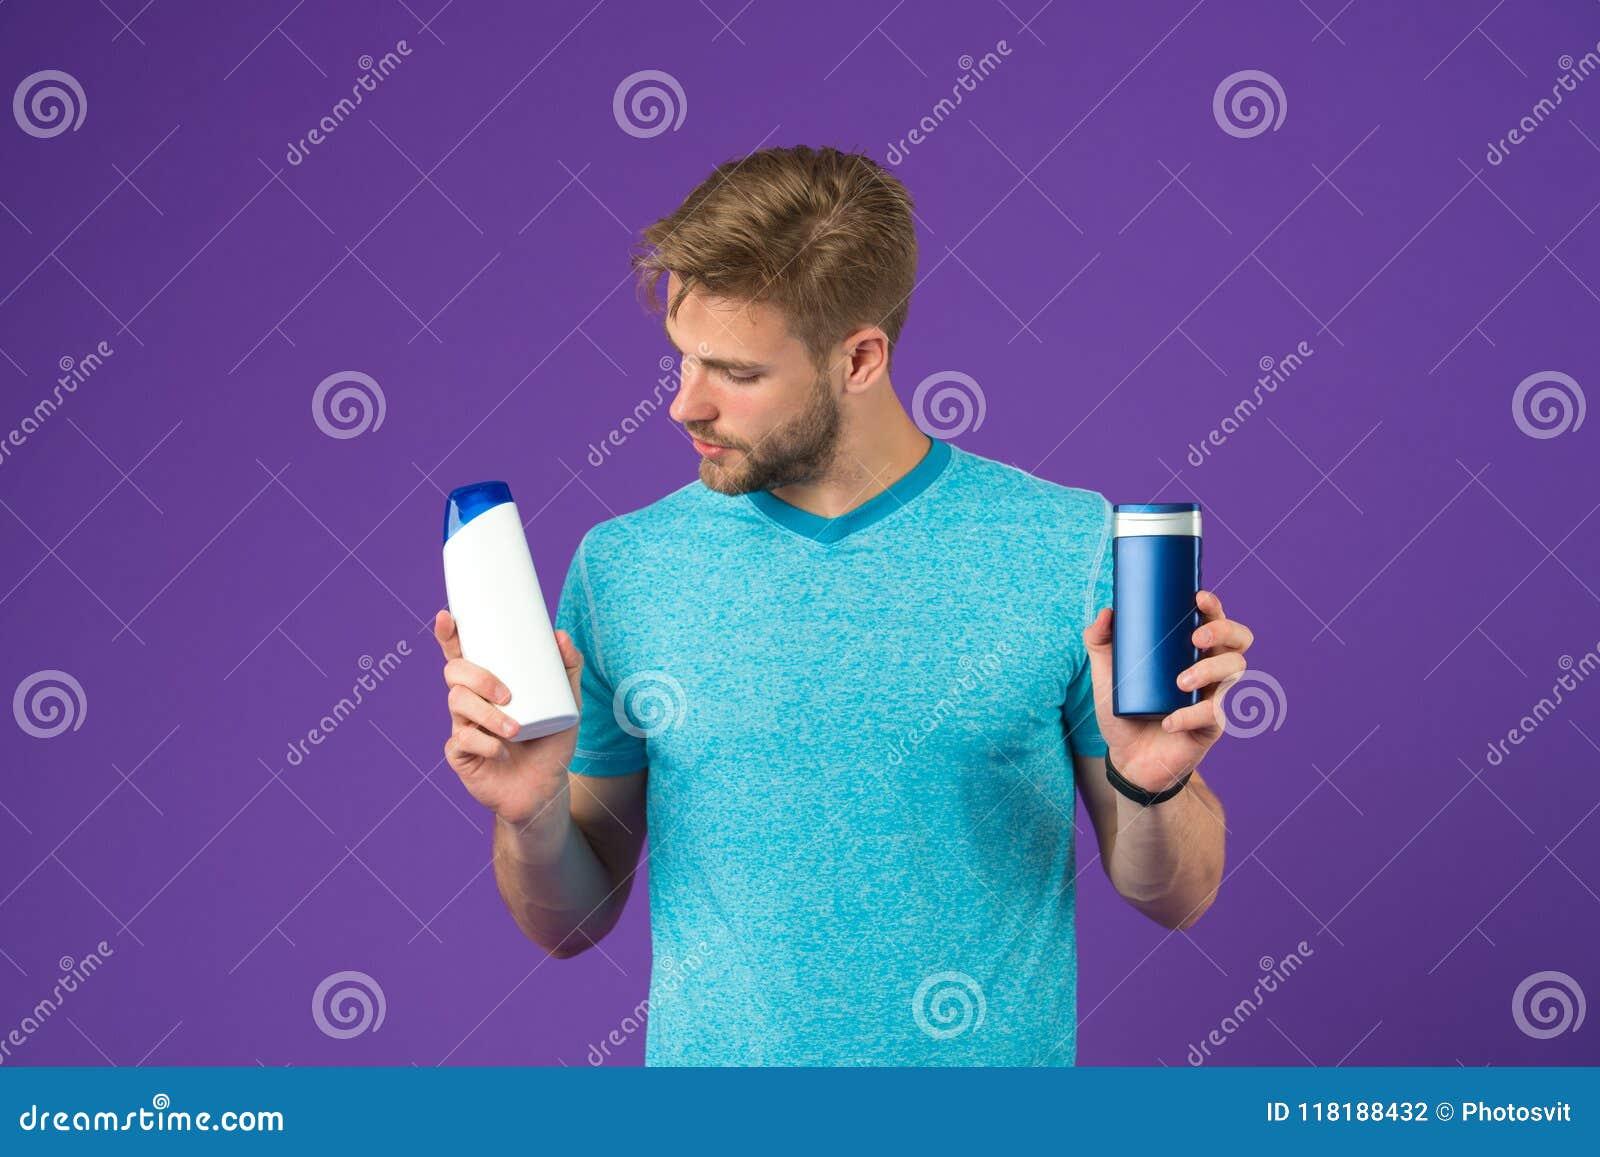 O homem na cara pensativa escolhe o champô, fundo violeta O indivíduo com cerda guarda duas garrafas com champô, espaço da cópia